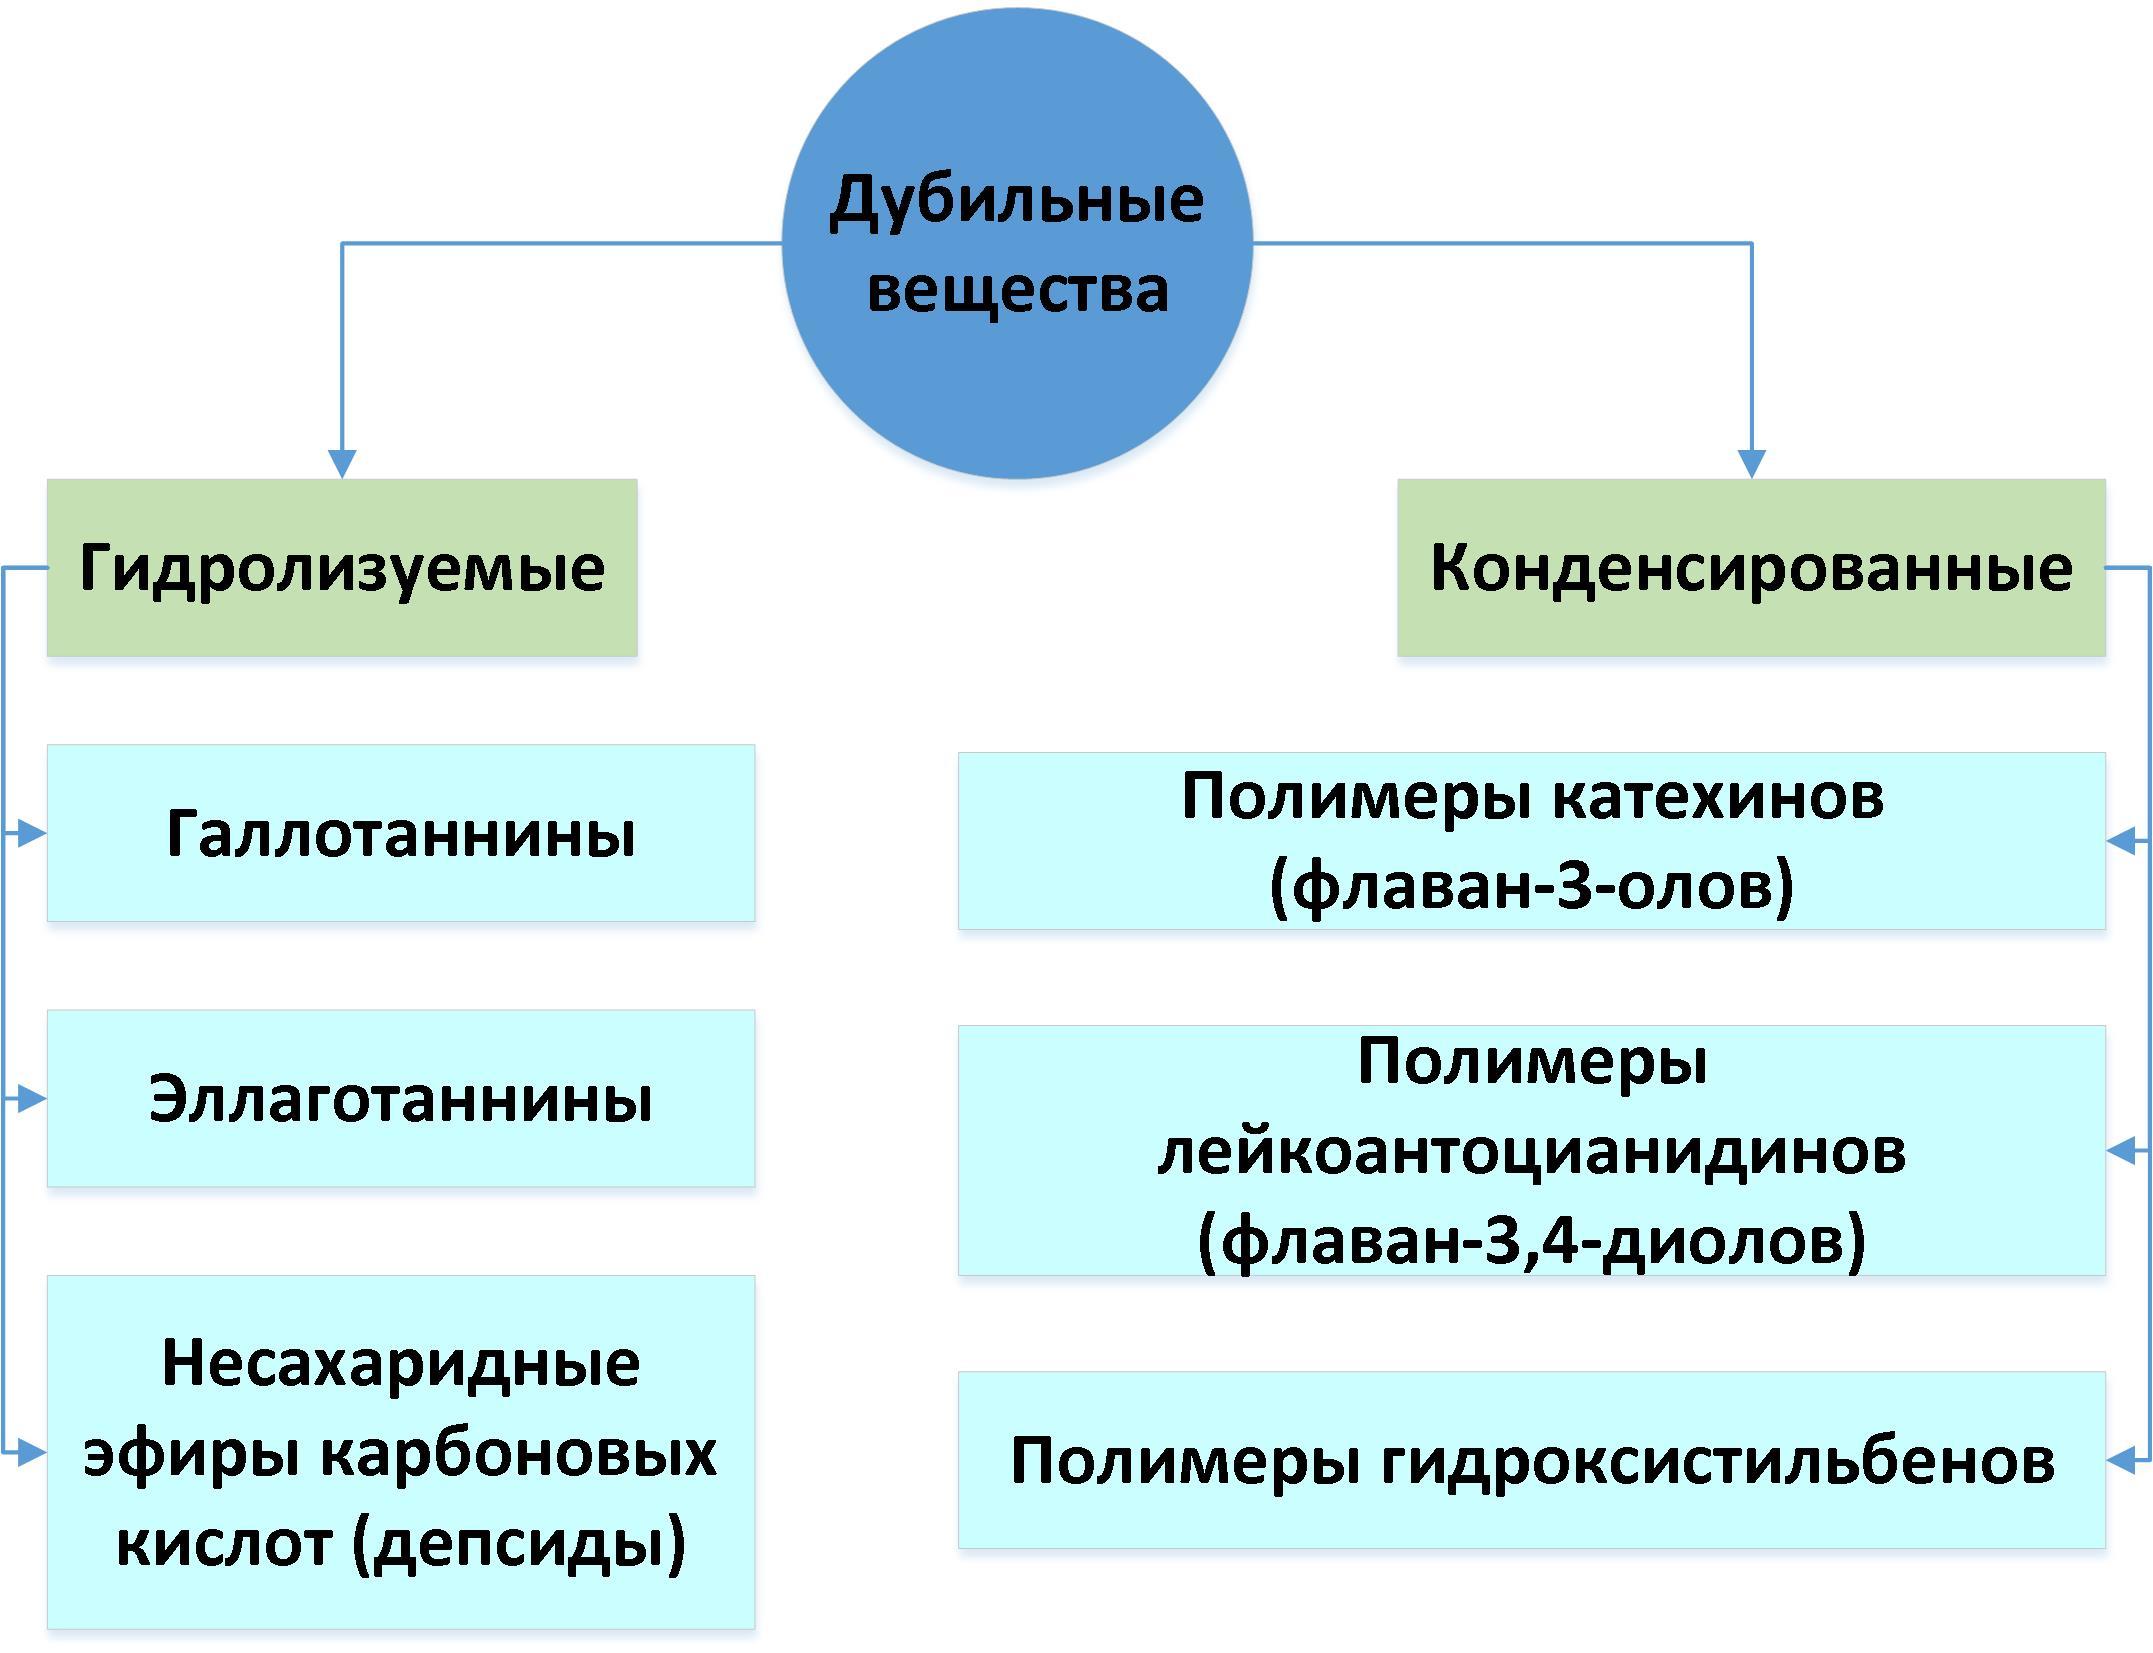 Хурма. Инструкция по употреблению - 8